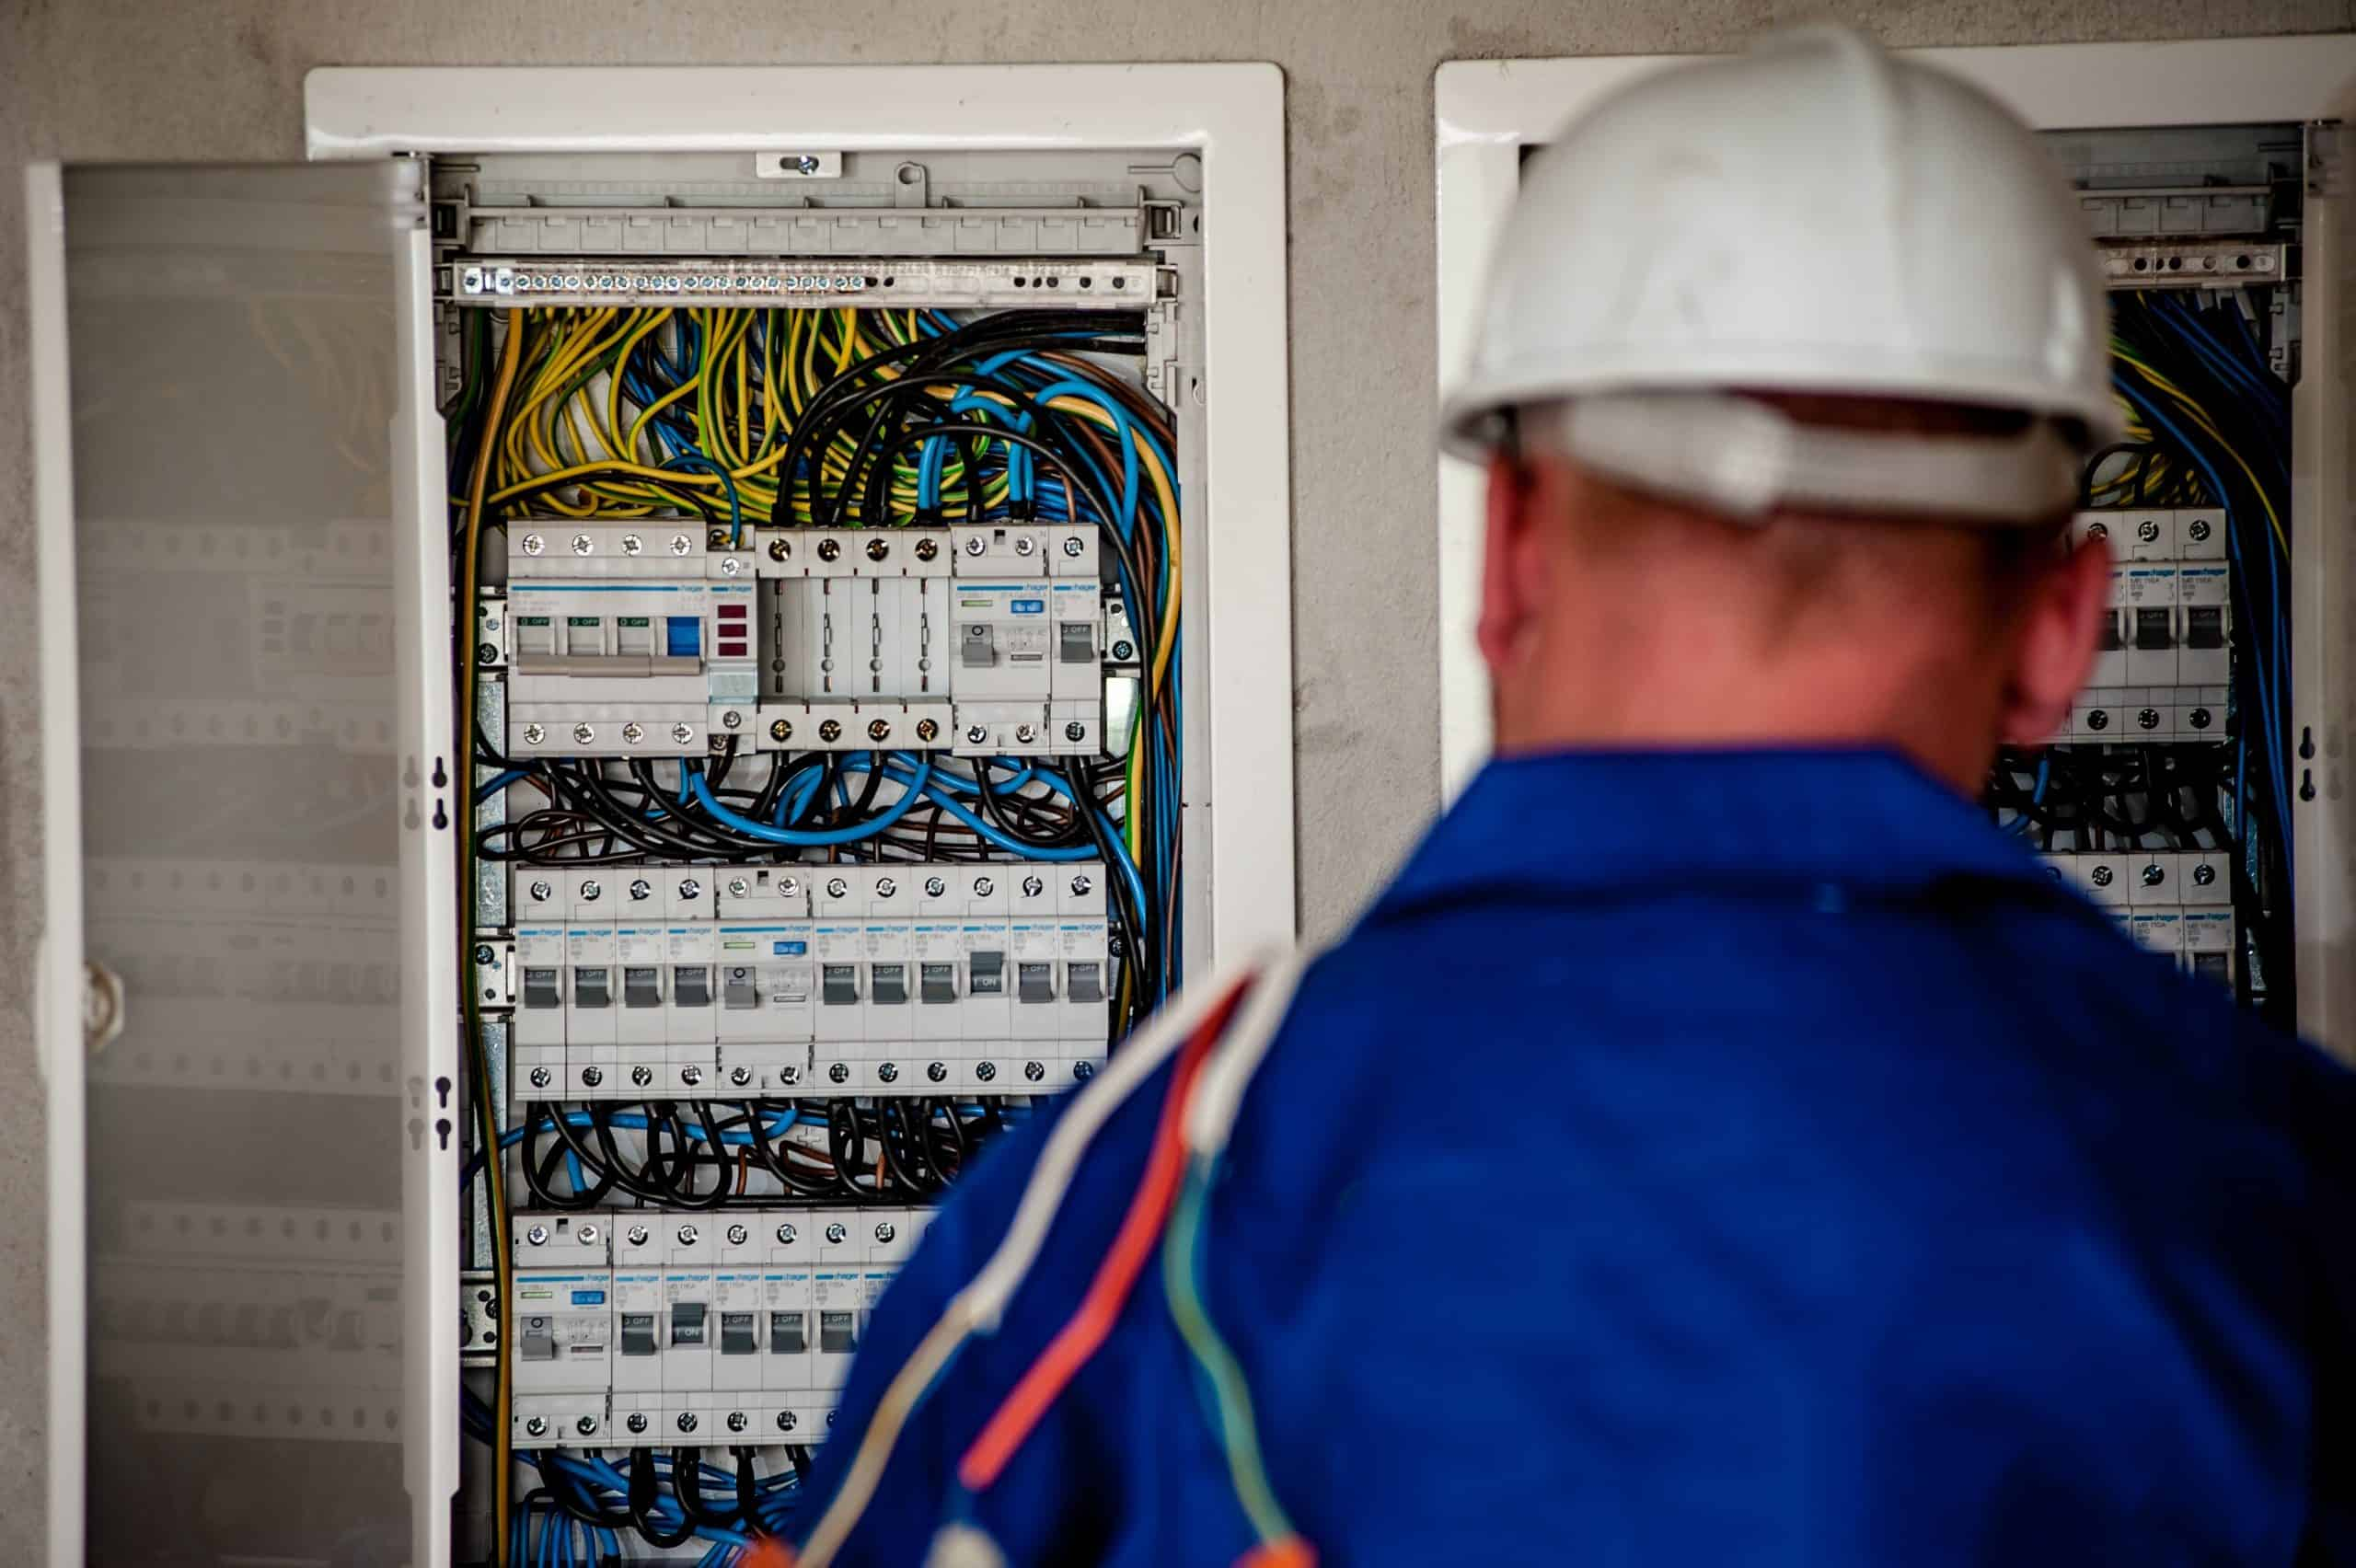 שיפוץ לוח חשמל קבלן חשמן מורשה